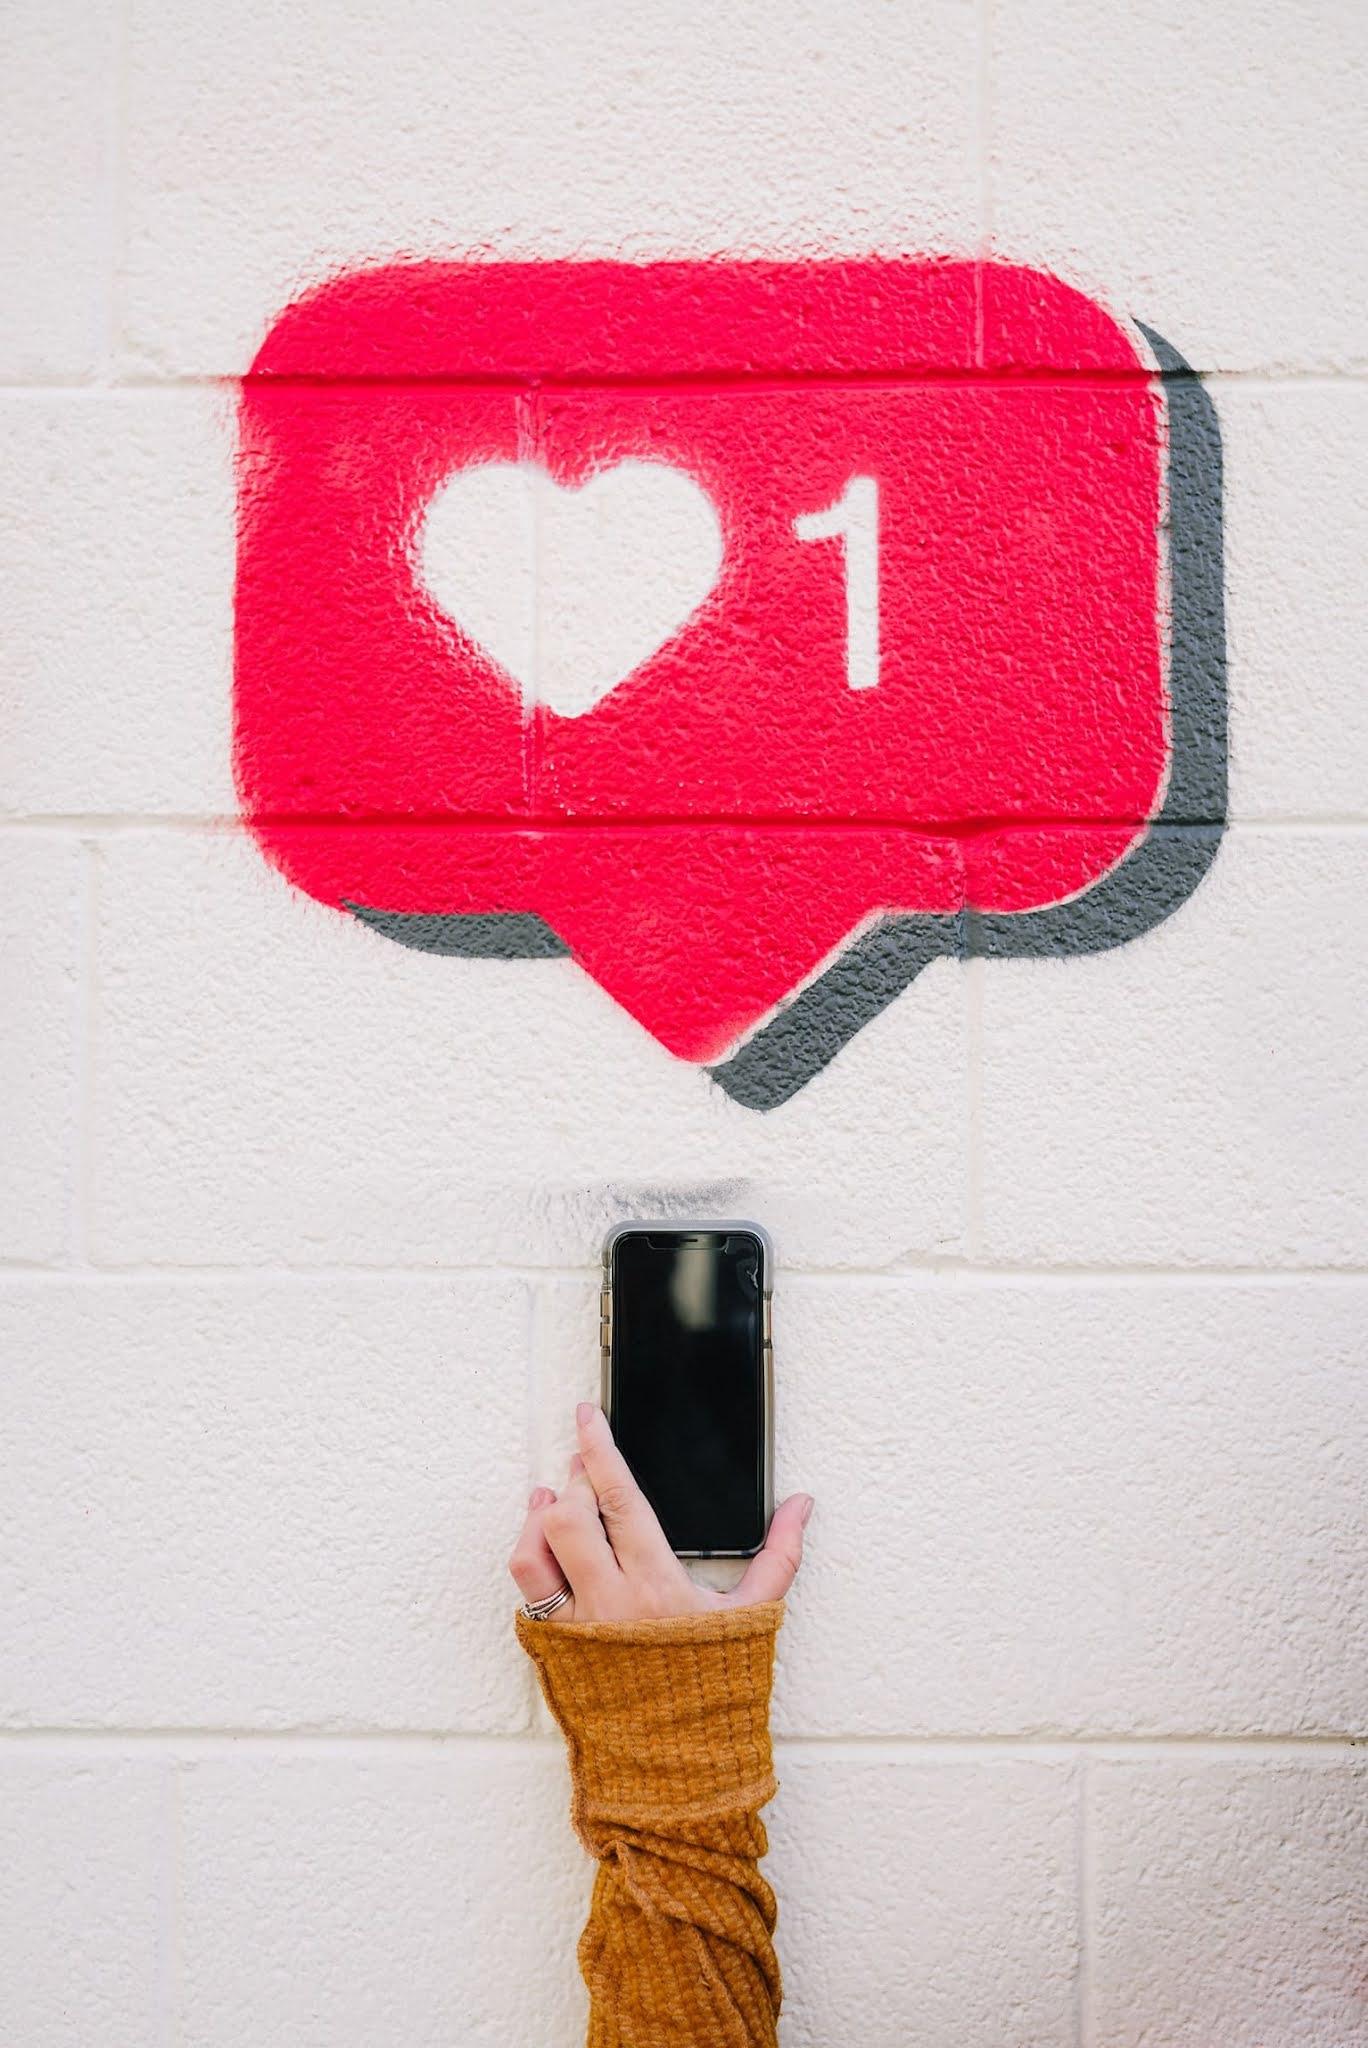 2- استغل حساباتك في مواقع التواصل الأخرى لصالحك